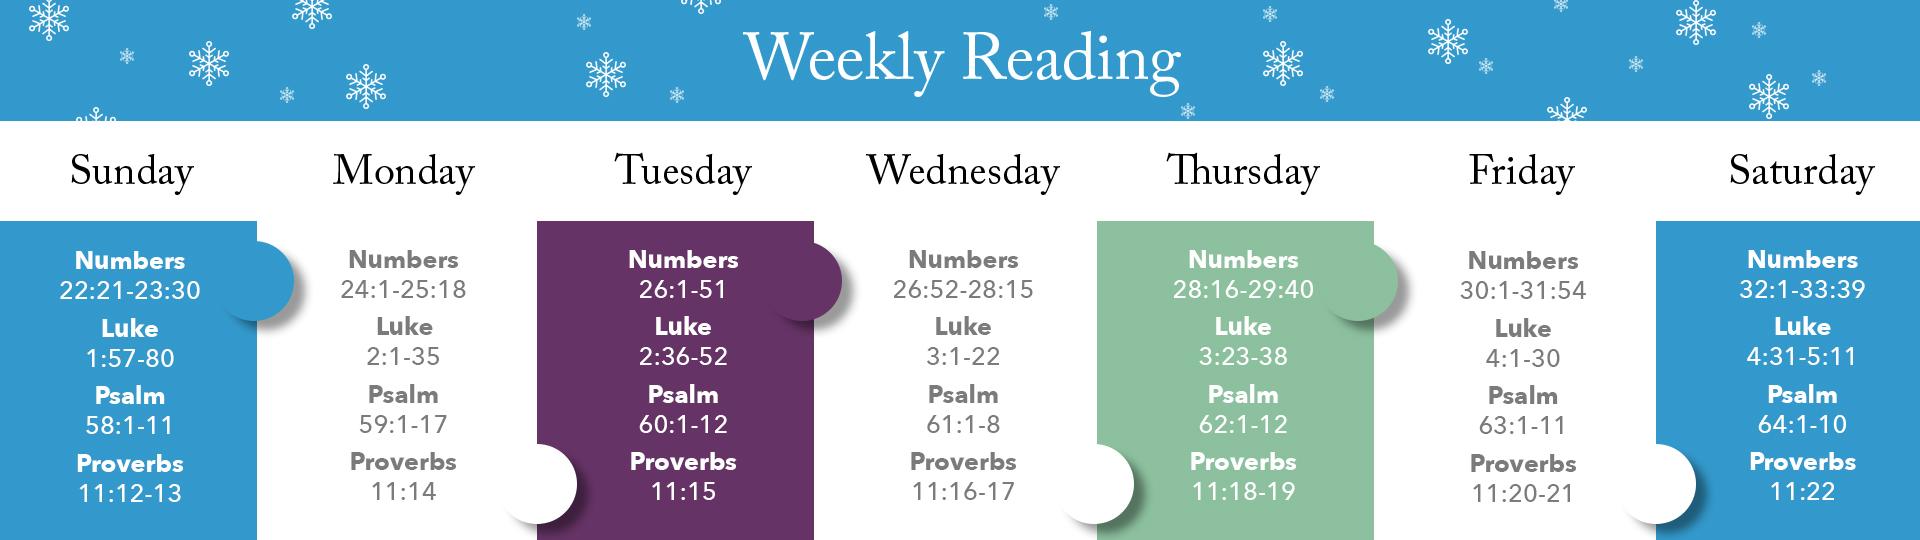 Weekly-Reading-Winter-Look0315